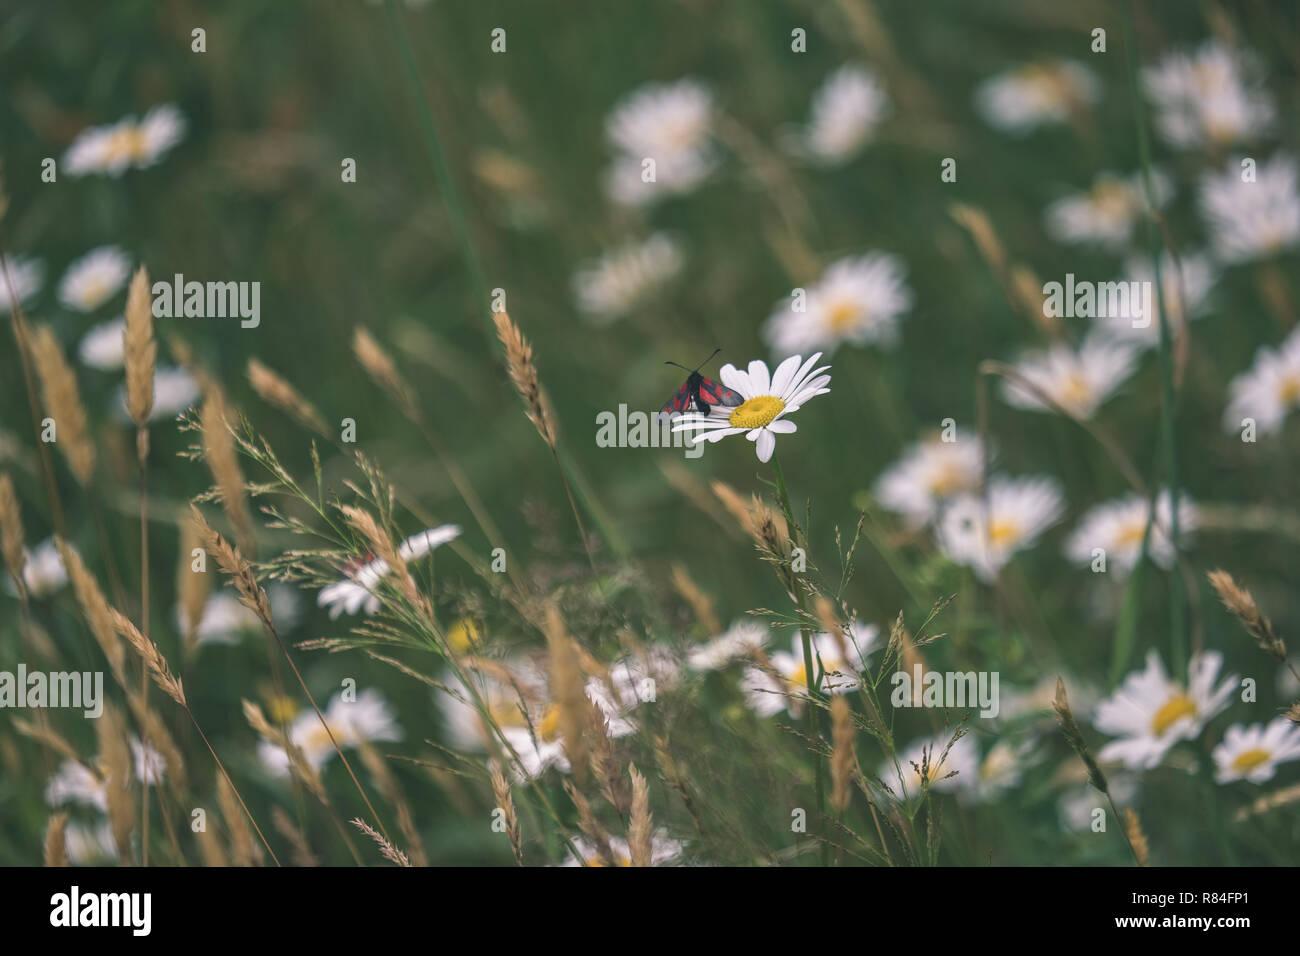 8df169aefd90 Sommer Blumenmuster in grüne Wiese mit blauen und weißen Blumen und  Pflanzen. strukturierten Hintergrund Details der Natur - vintage alten Film  ansehen